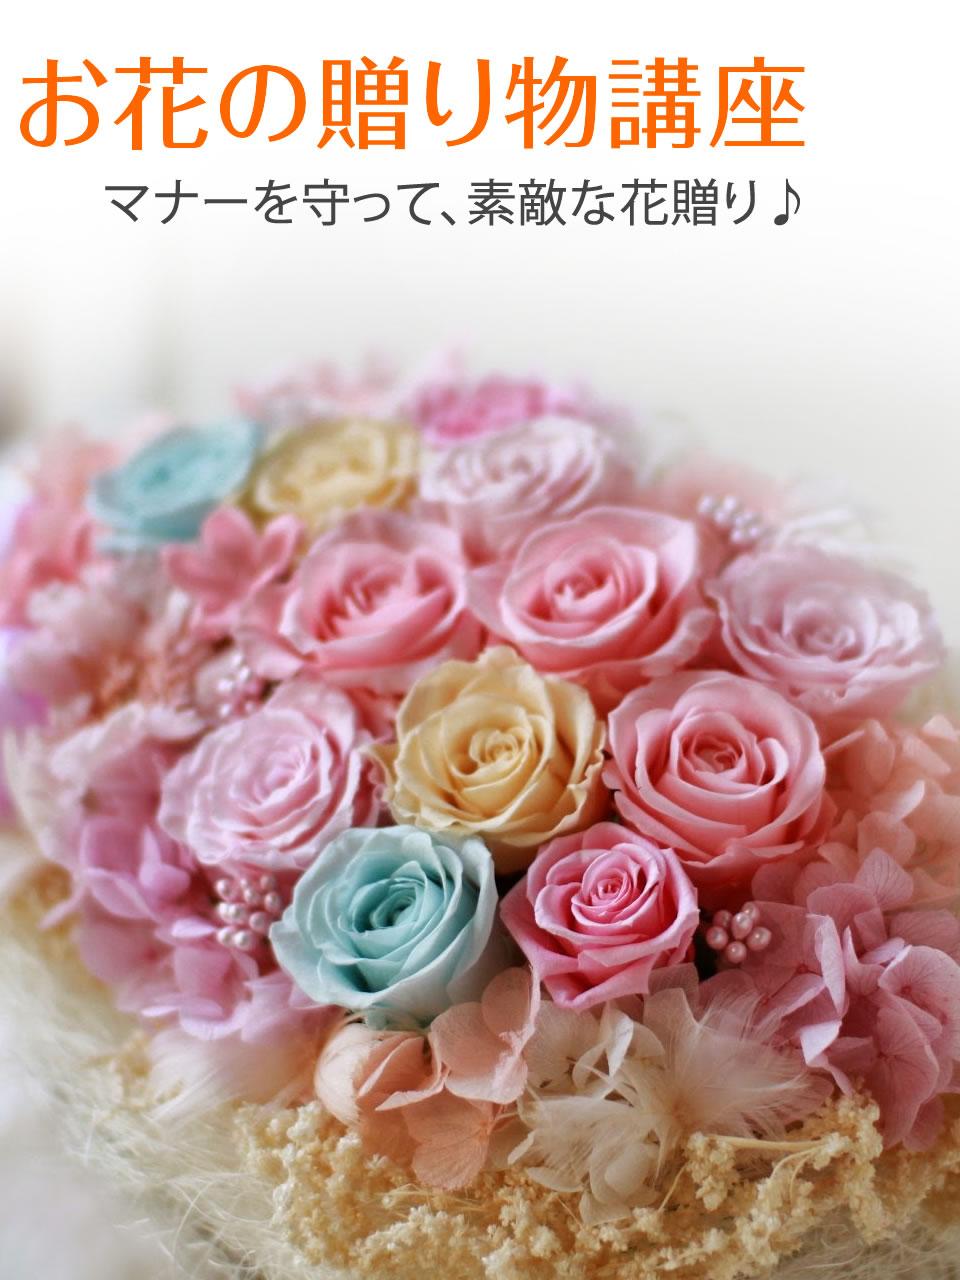 花屋-フラワーギフト-インターネット宅配花屋さん花RiRo-お花の贈り物講座